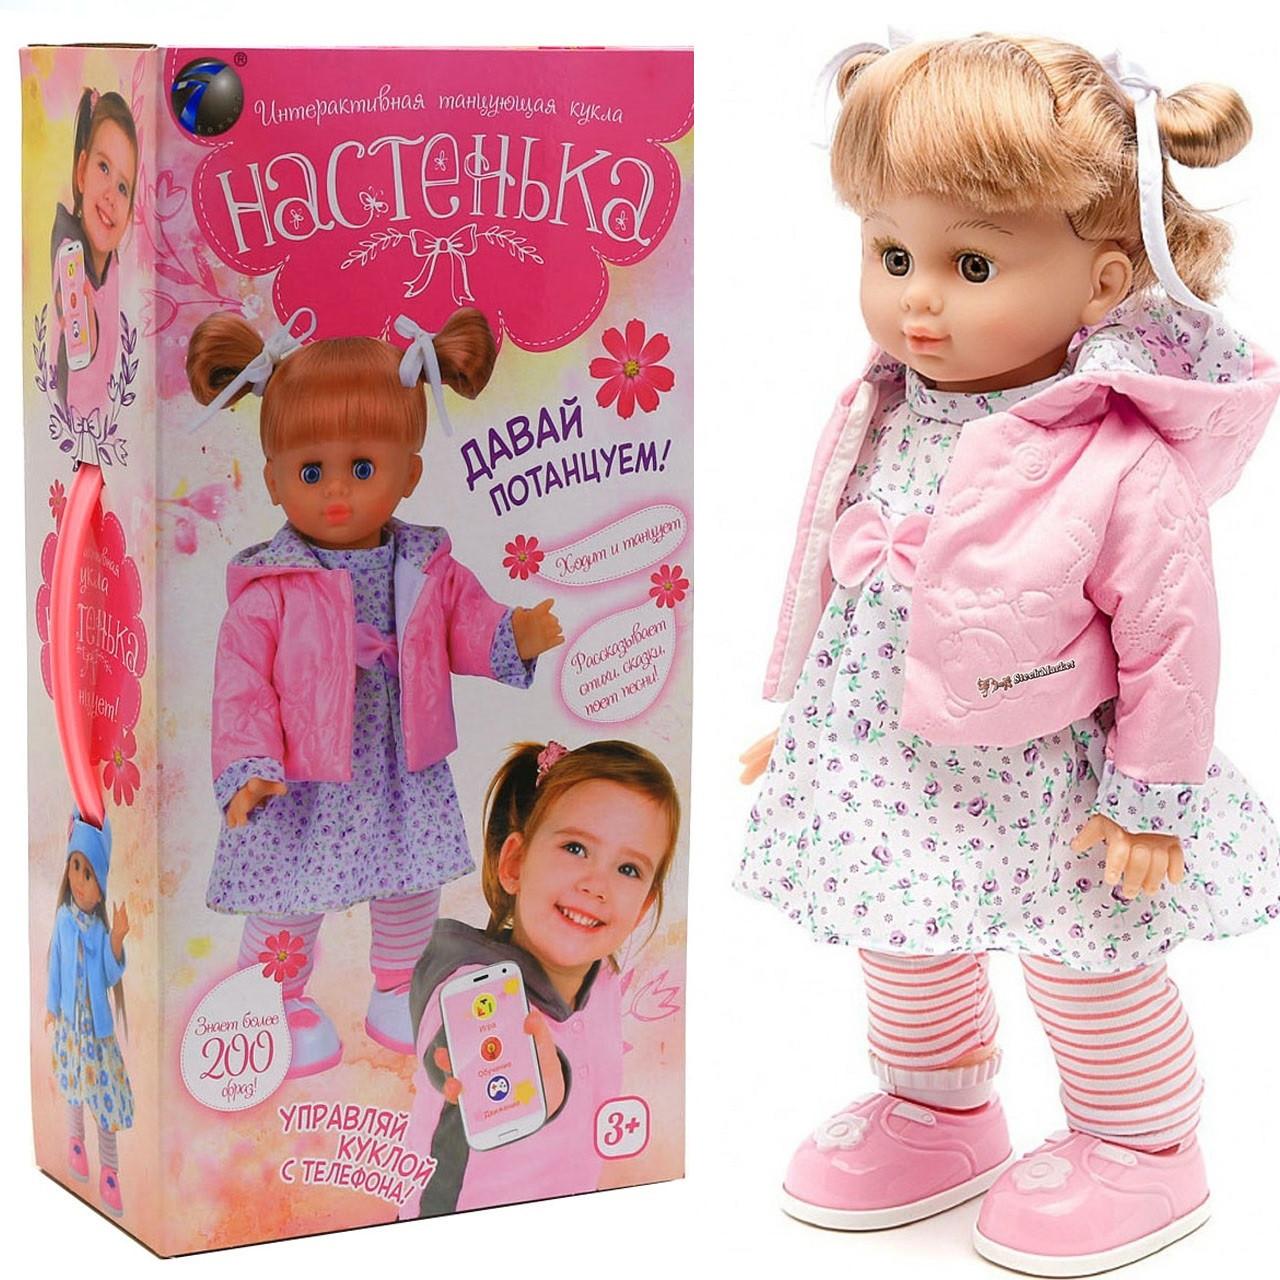 Интерактивная кукла «Настенька» поет песни, отвечает на вопросы, ходит, танцует (MY081)